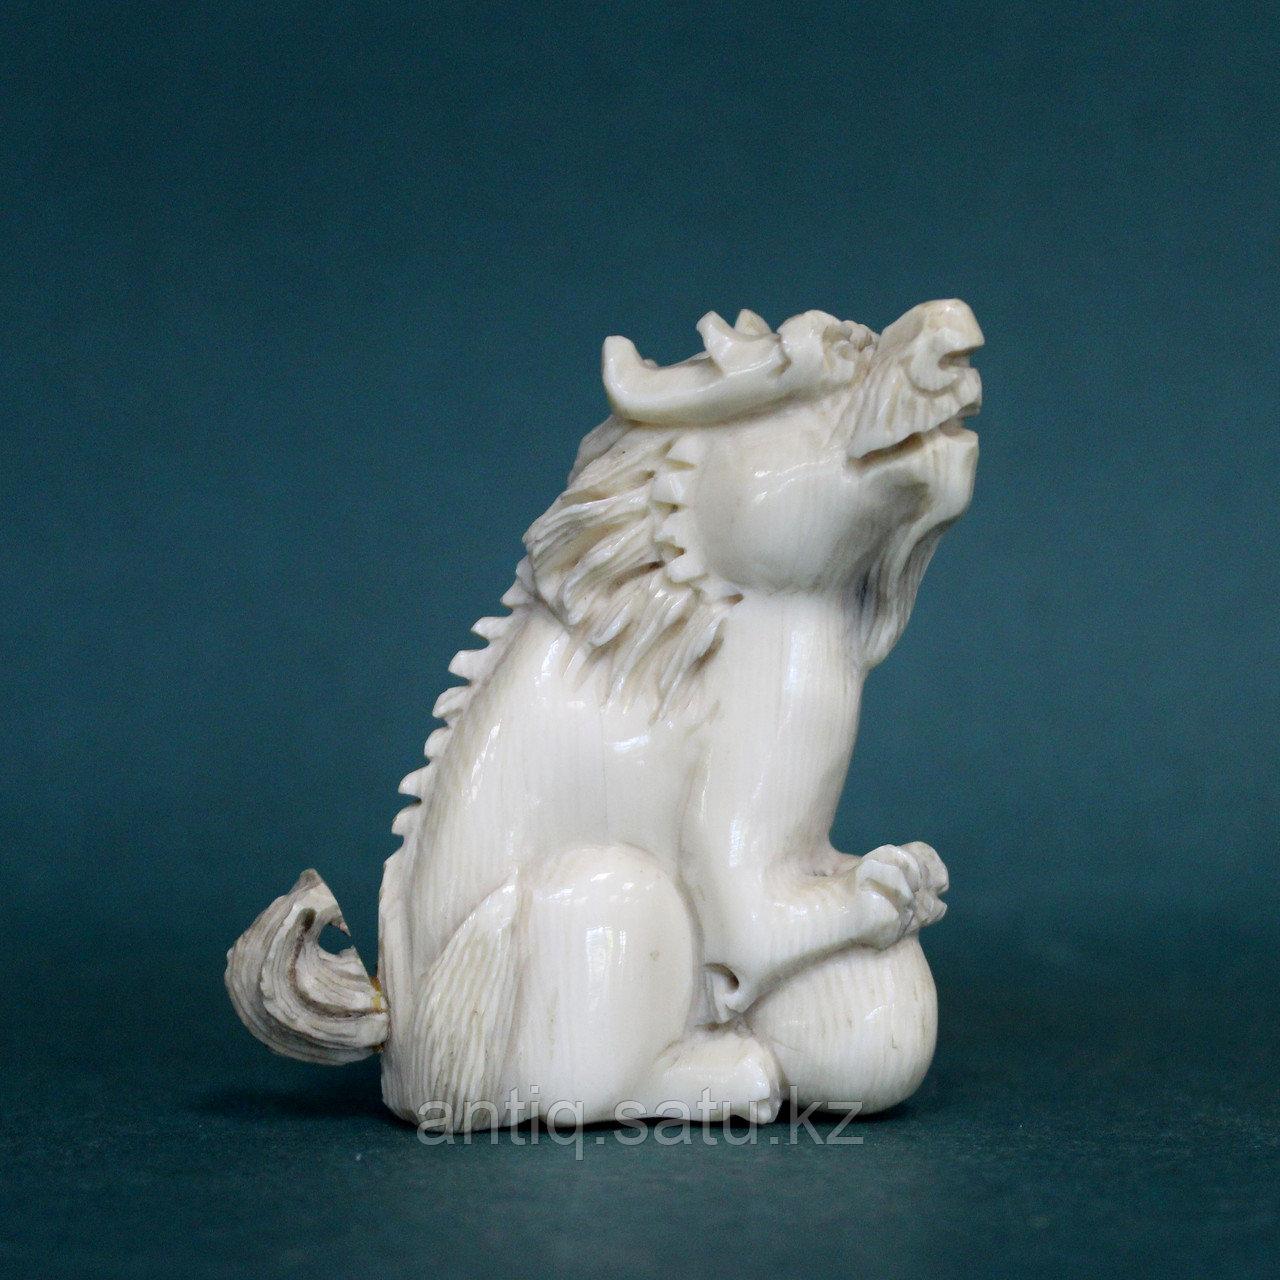 Слоновая кость. Карасиси Фо - небесный лев Будды. 52гр. - фото 1